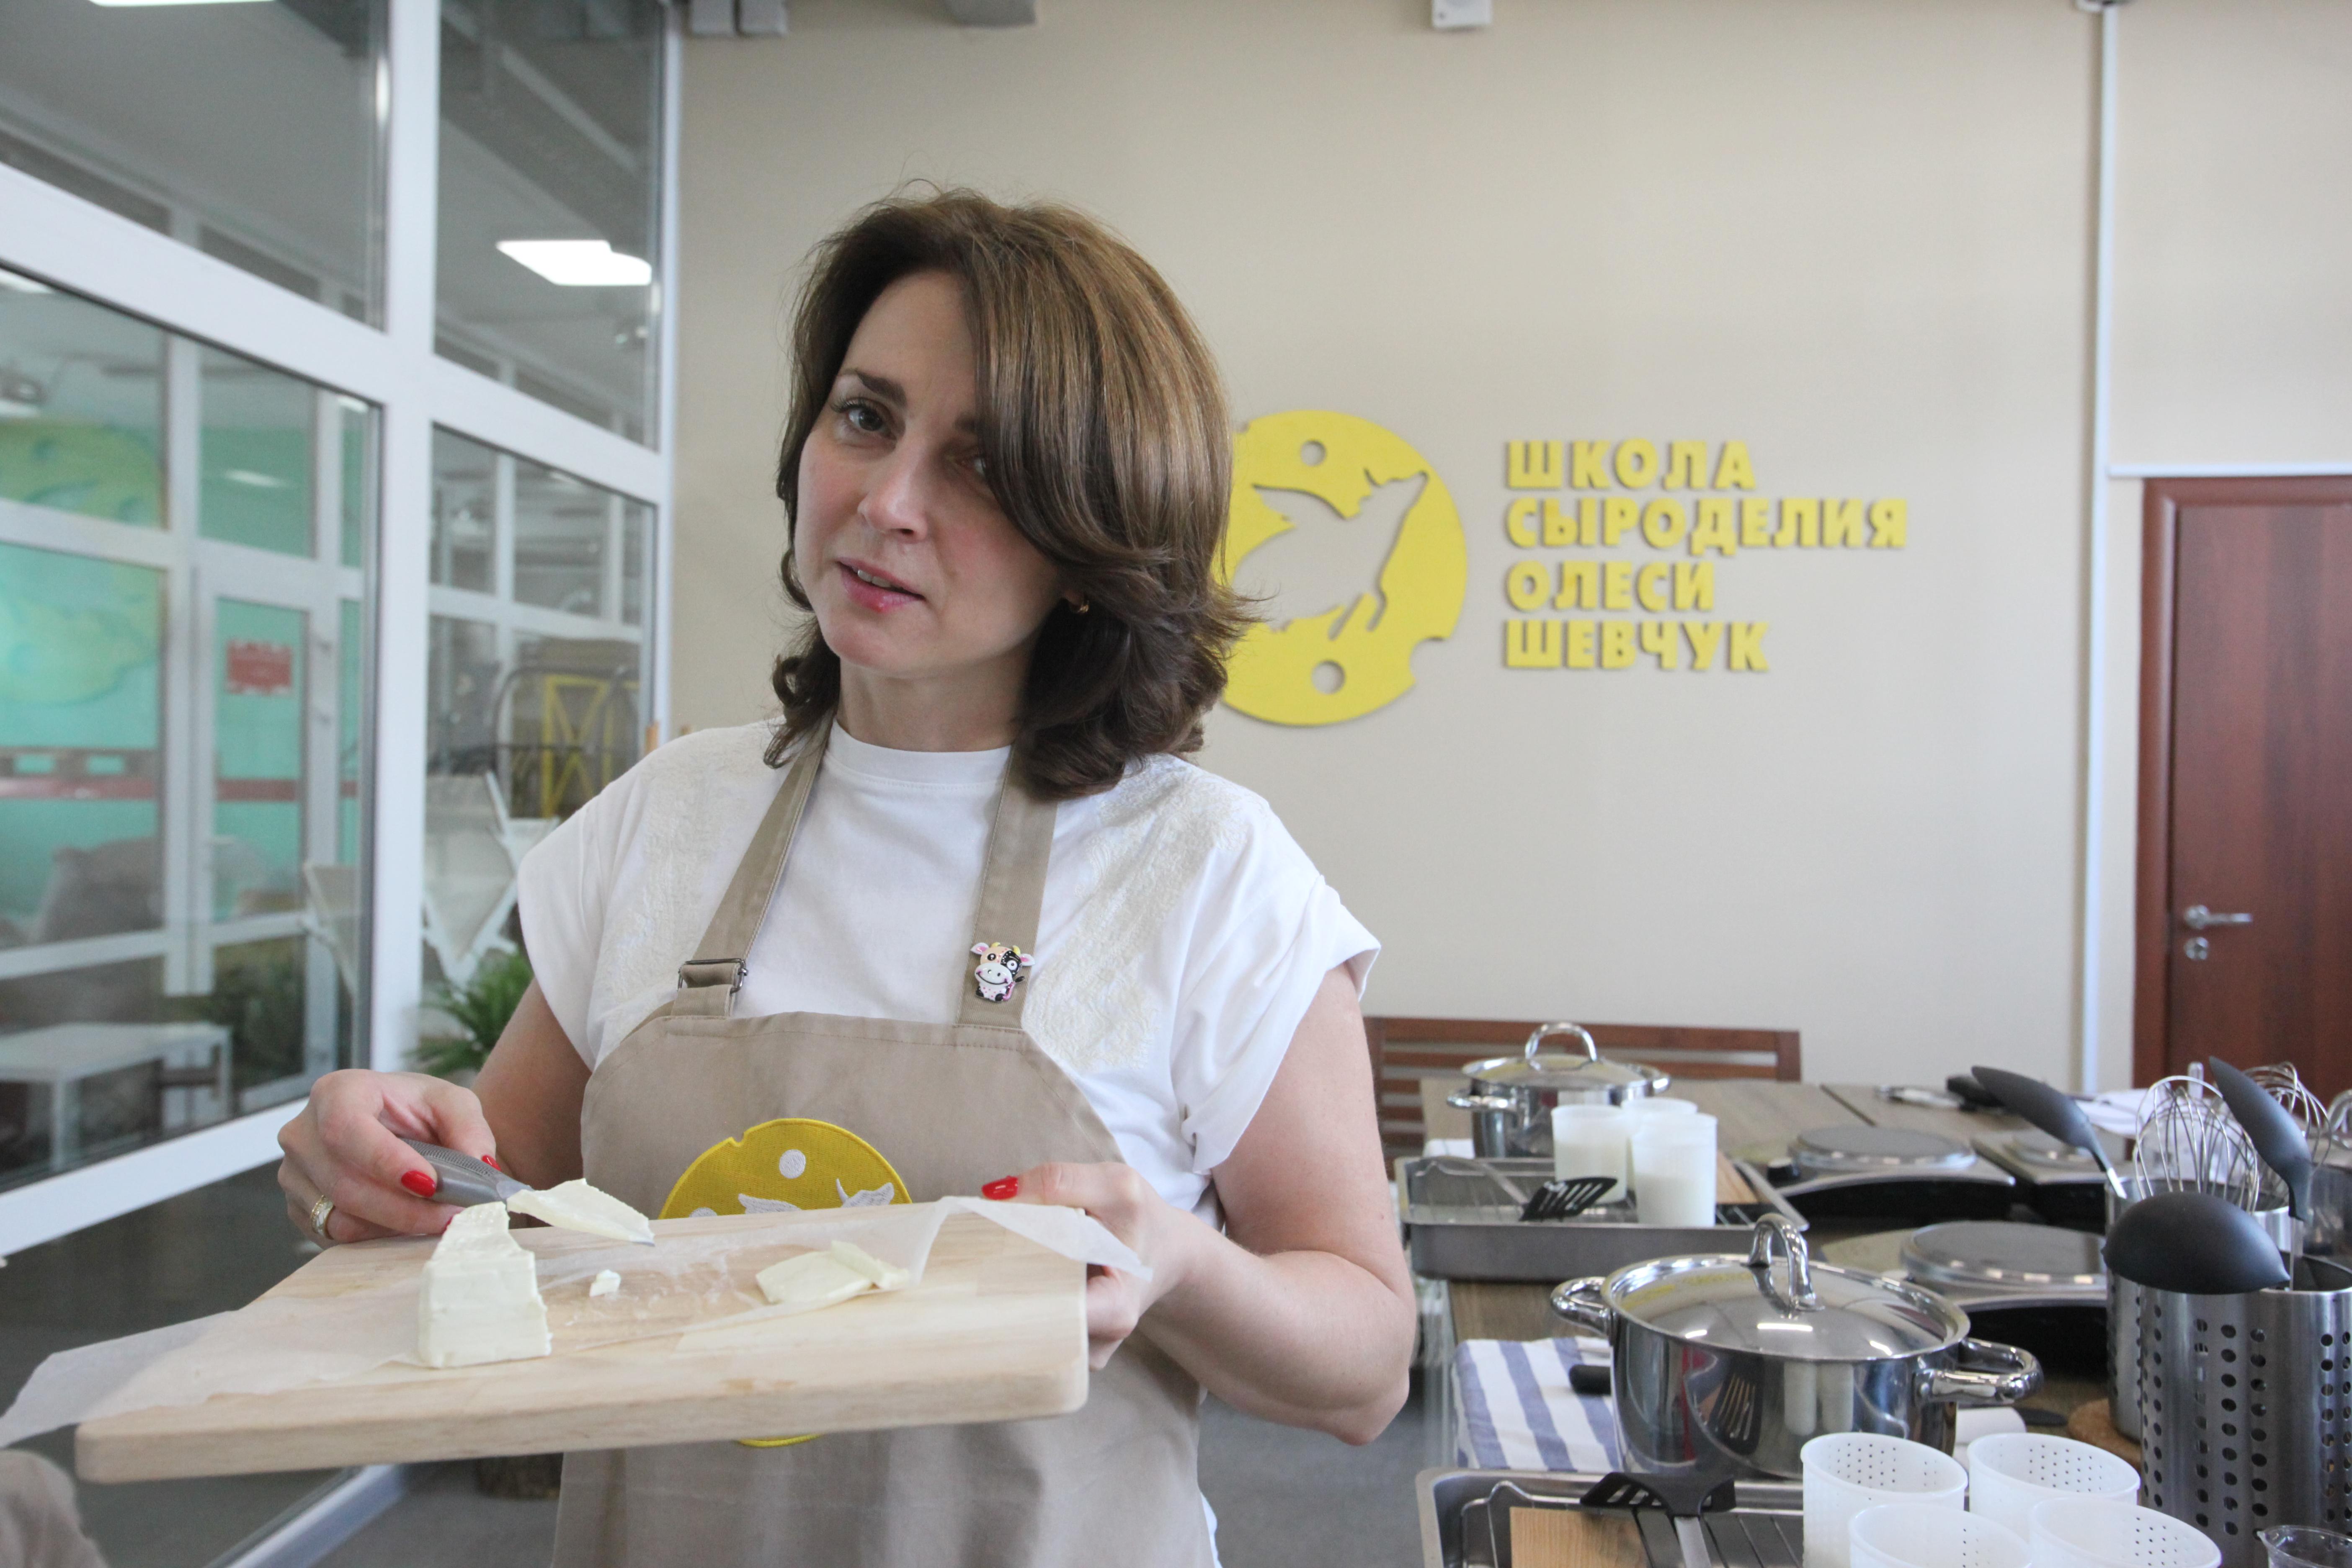 Продавец сыра с продуктом на разделочной доске